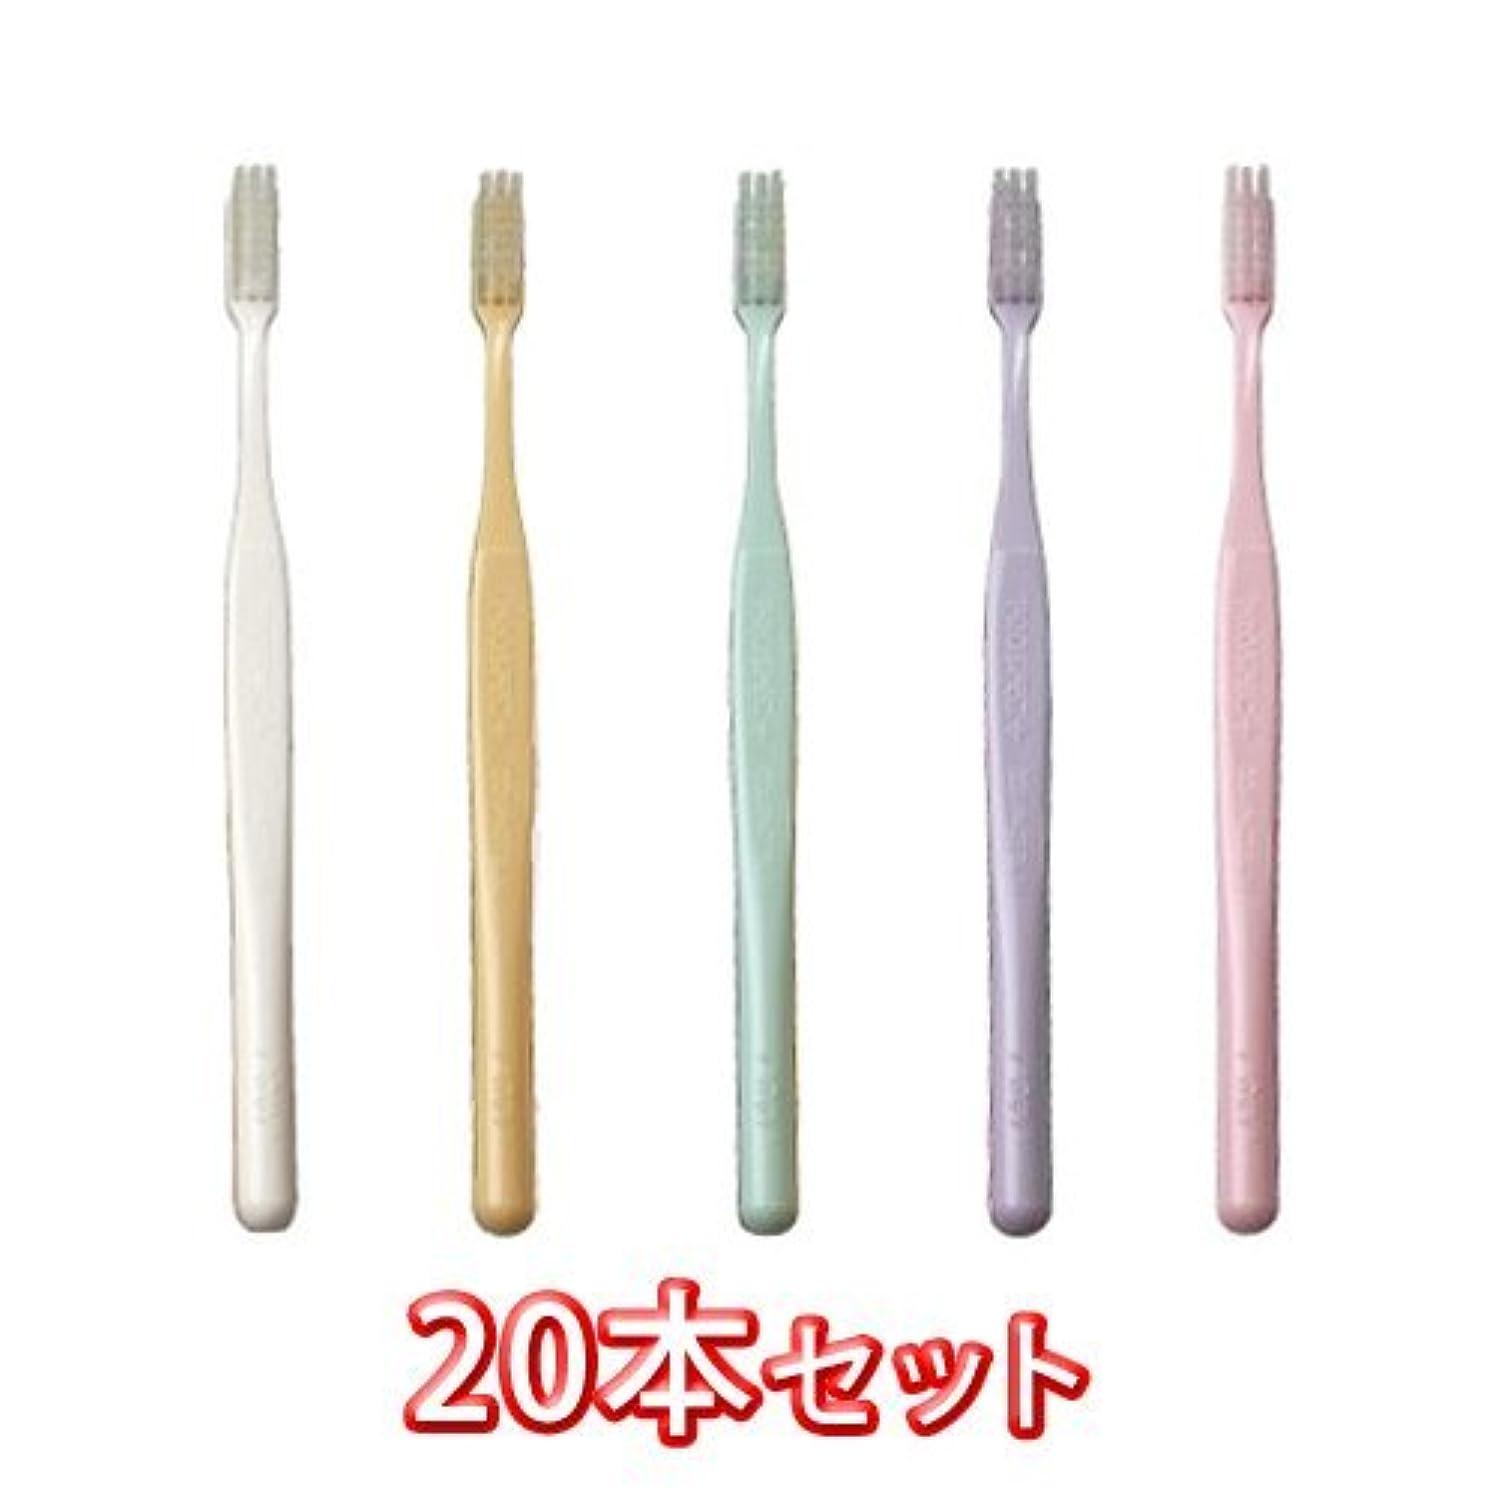 ネイティブロッド性格プロスペック 歯ブラシ プラス コンパクトスリム 20本入 ふつう色 S やわらかめ